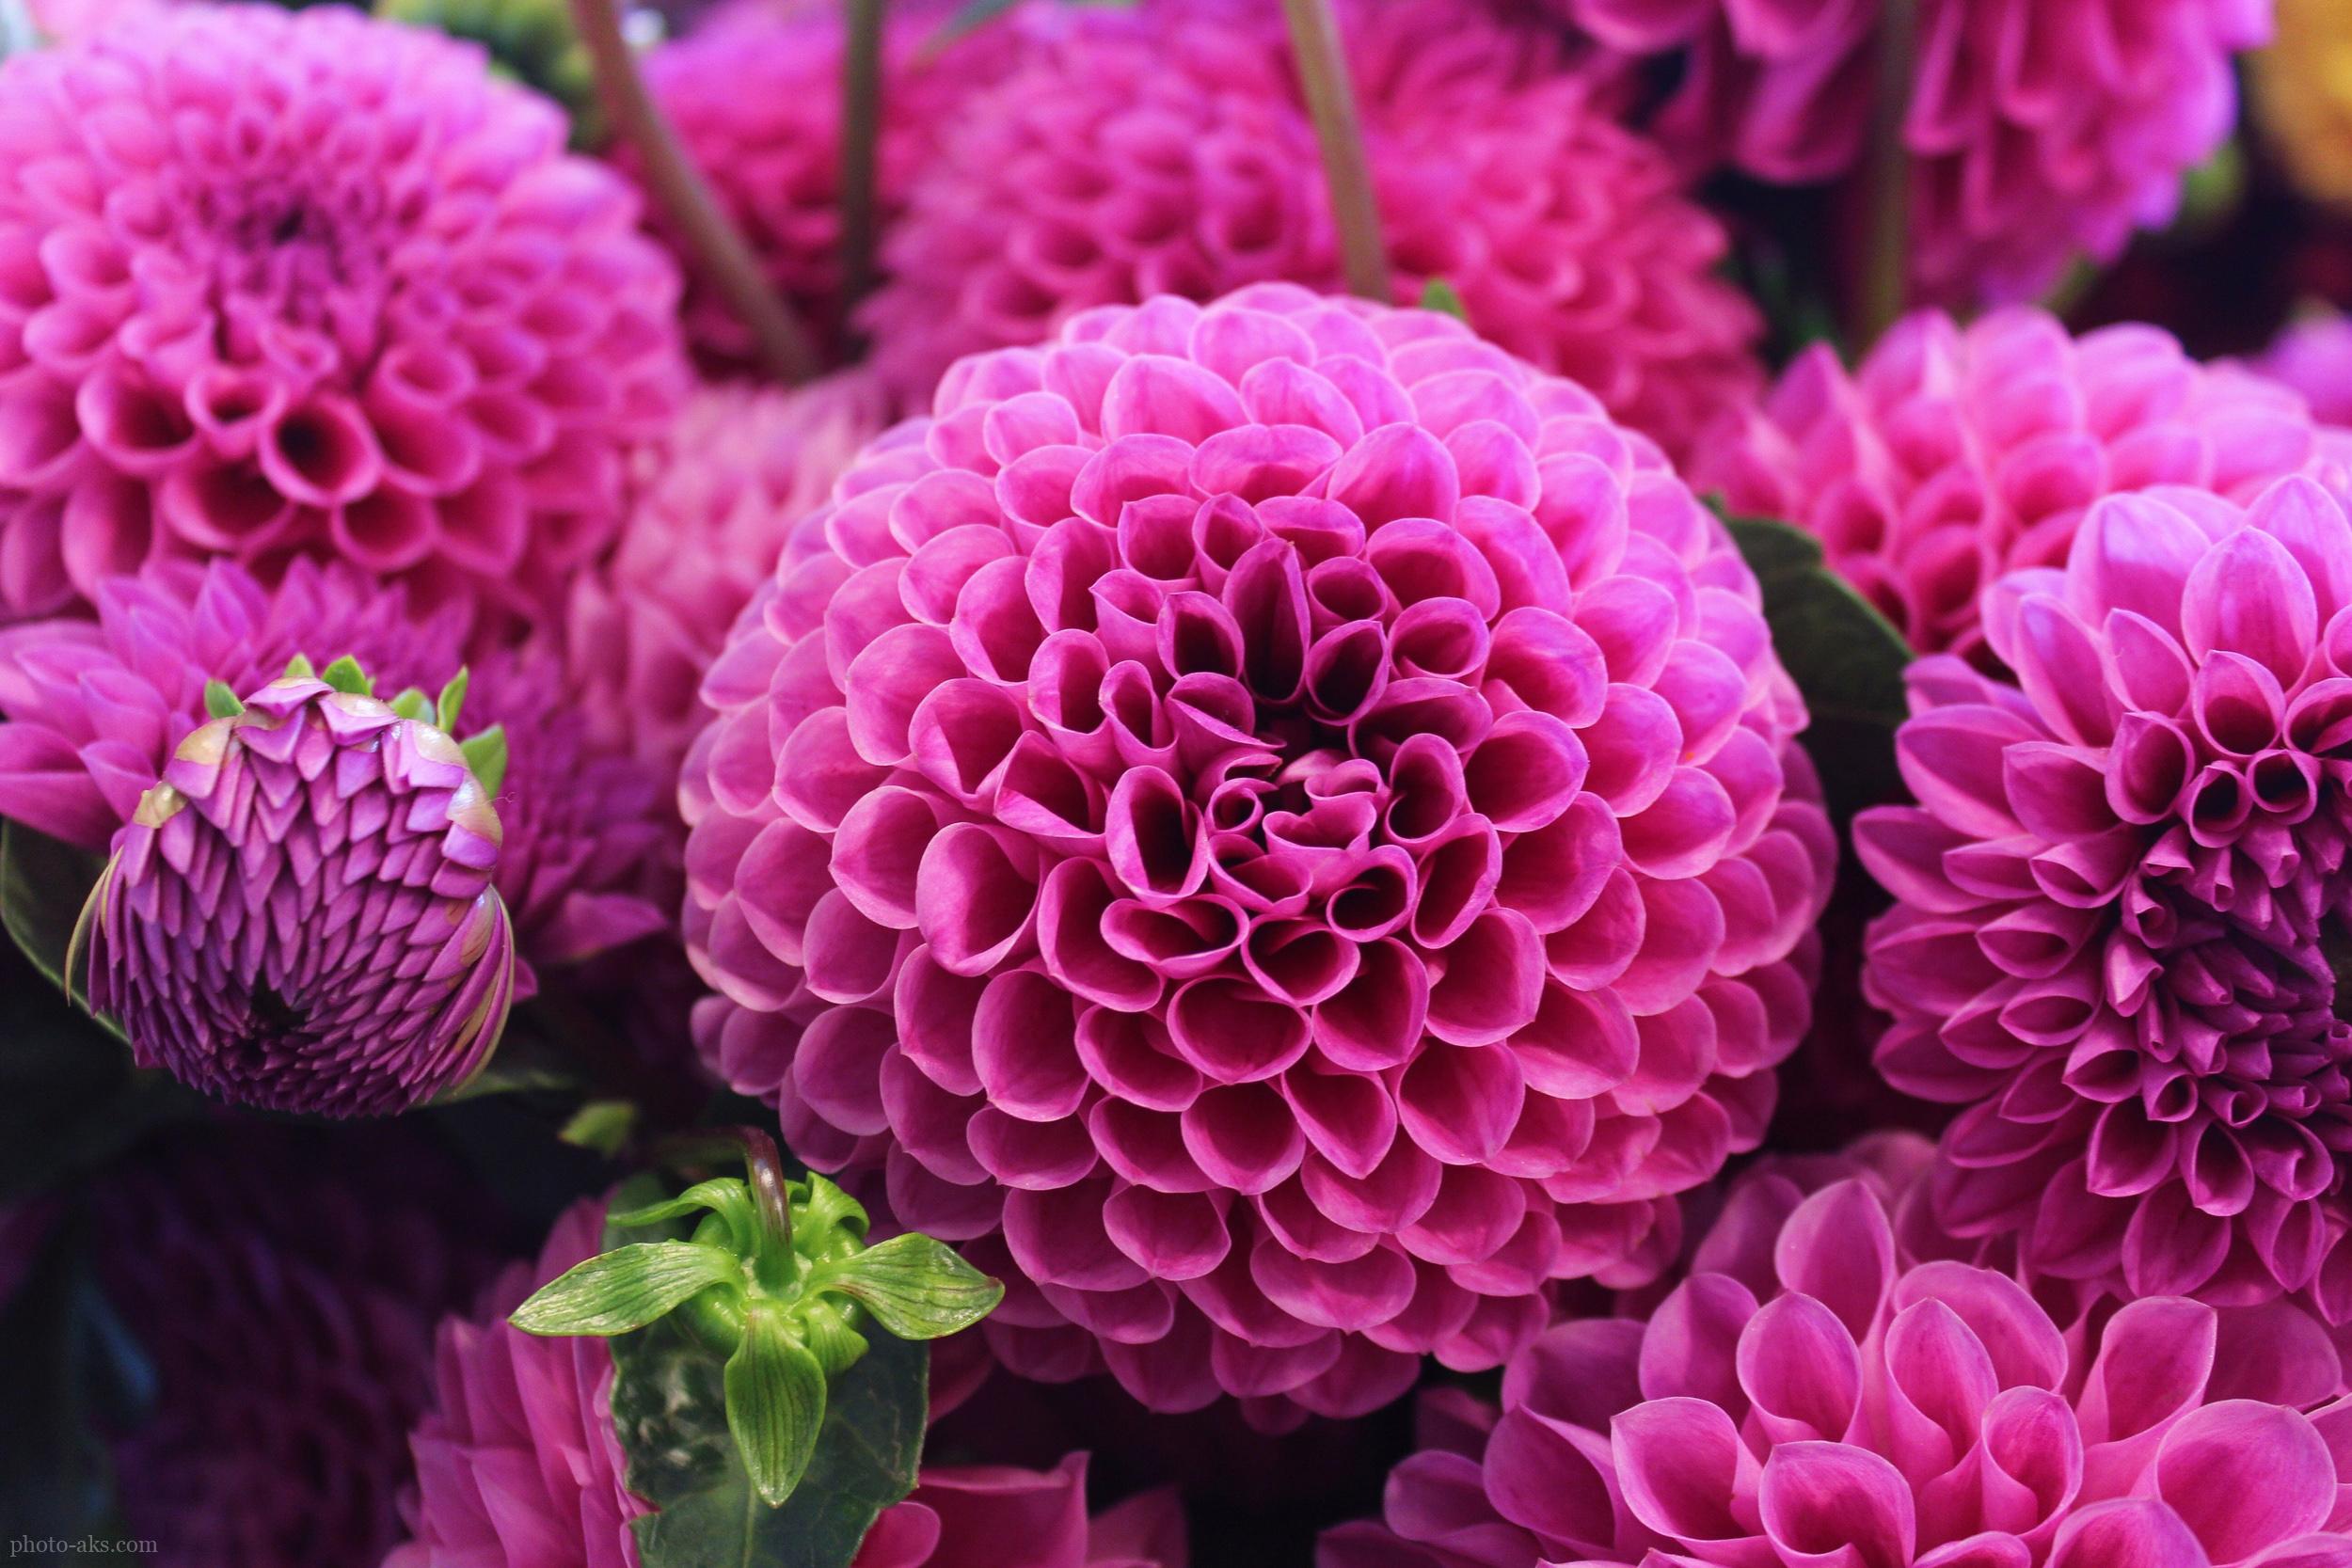 گالری عکس زیباترین گلهای جهان